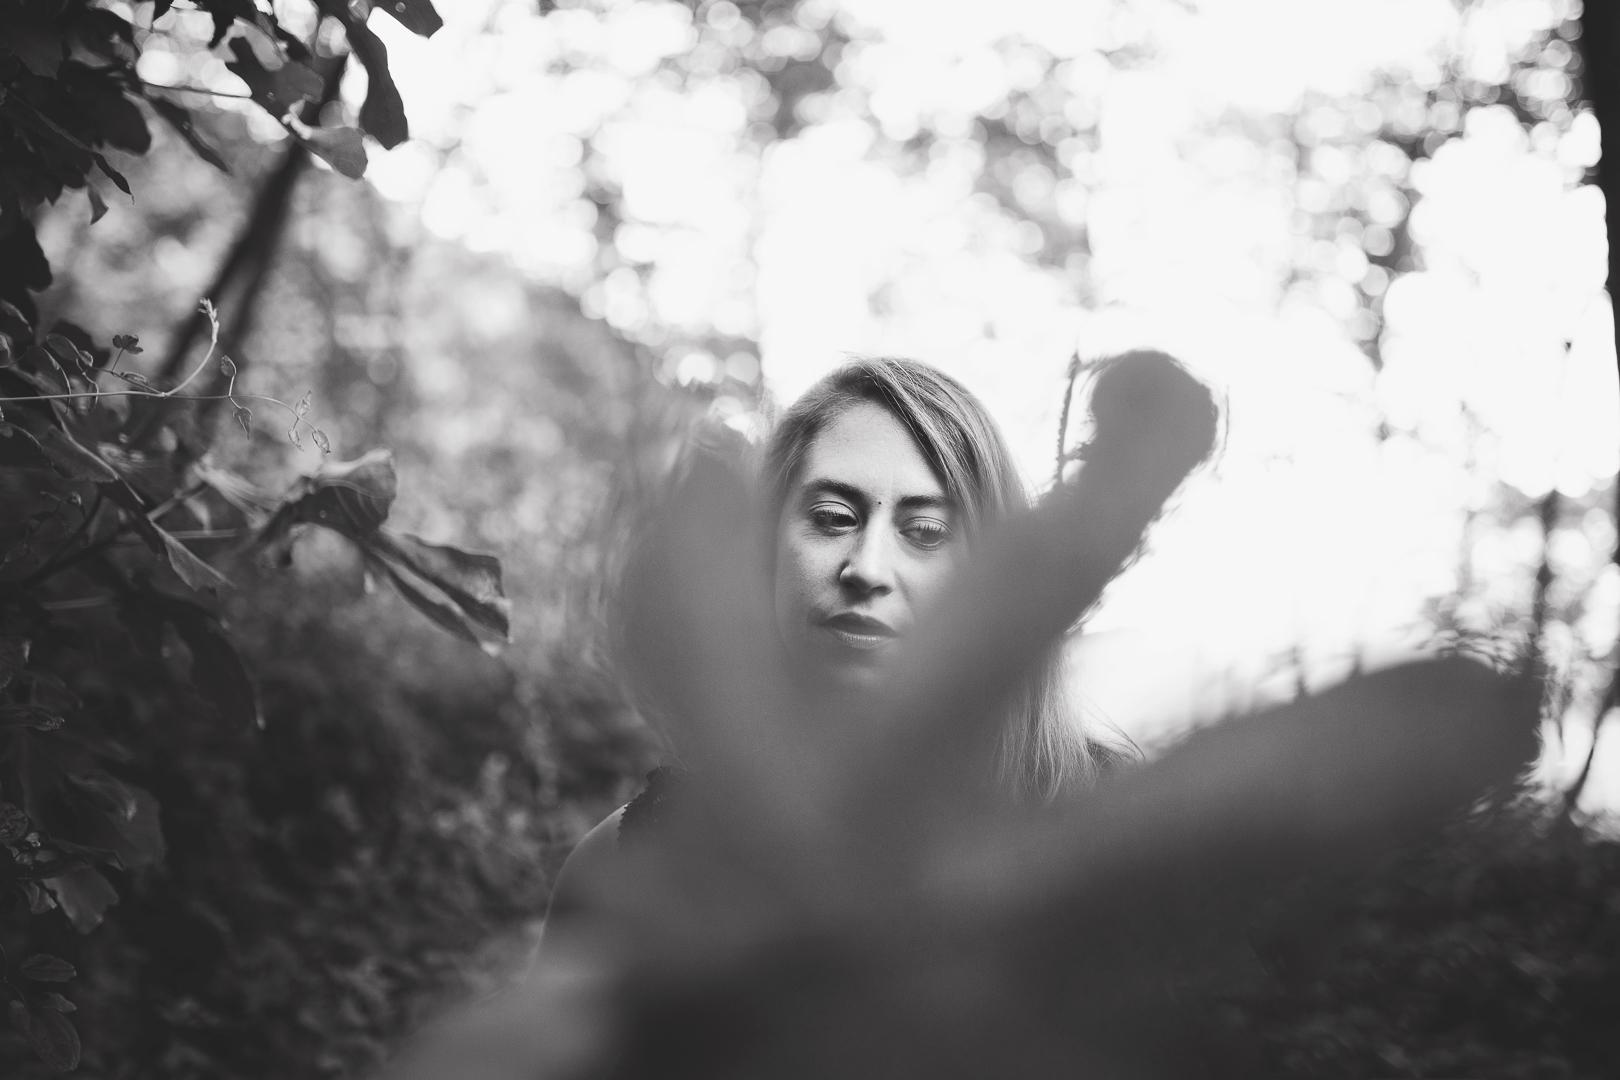 Shana è una fotografa professionista di treviso. I servizi fotografici di ritratto e boudoir sono un momento per le donne per conoscersi, mostrare lati di sè nascosti.